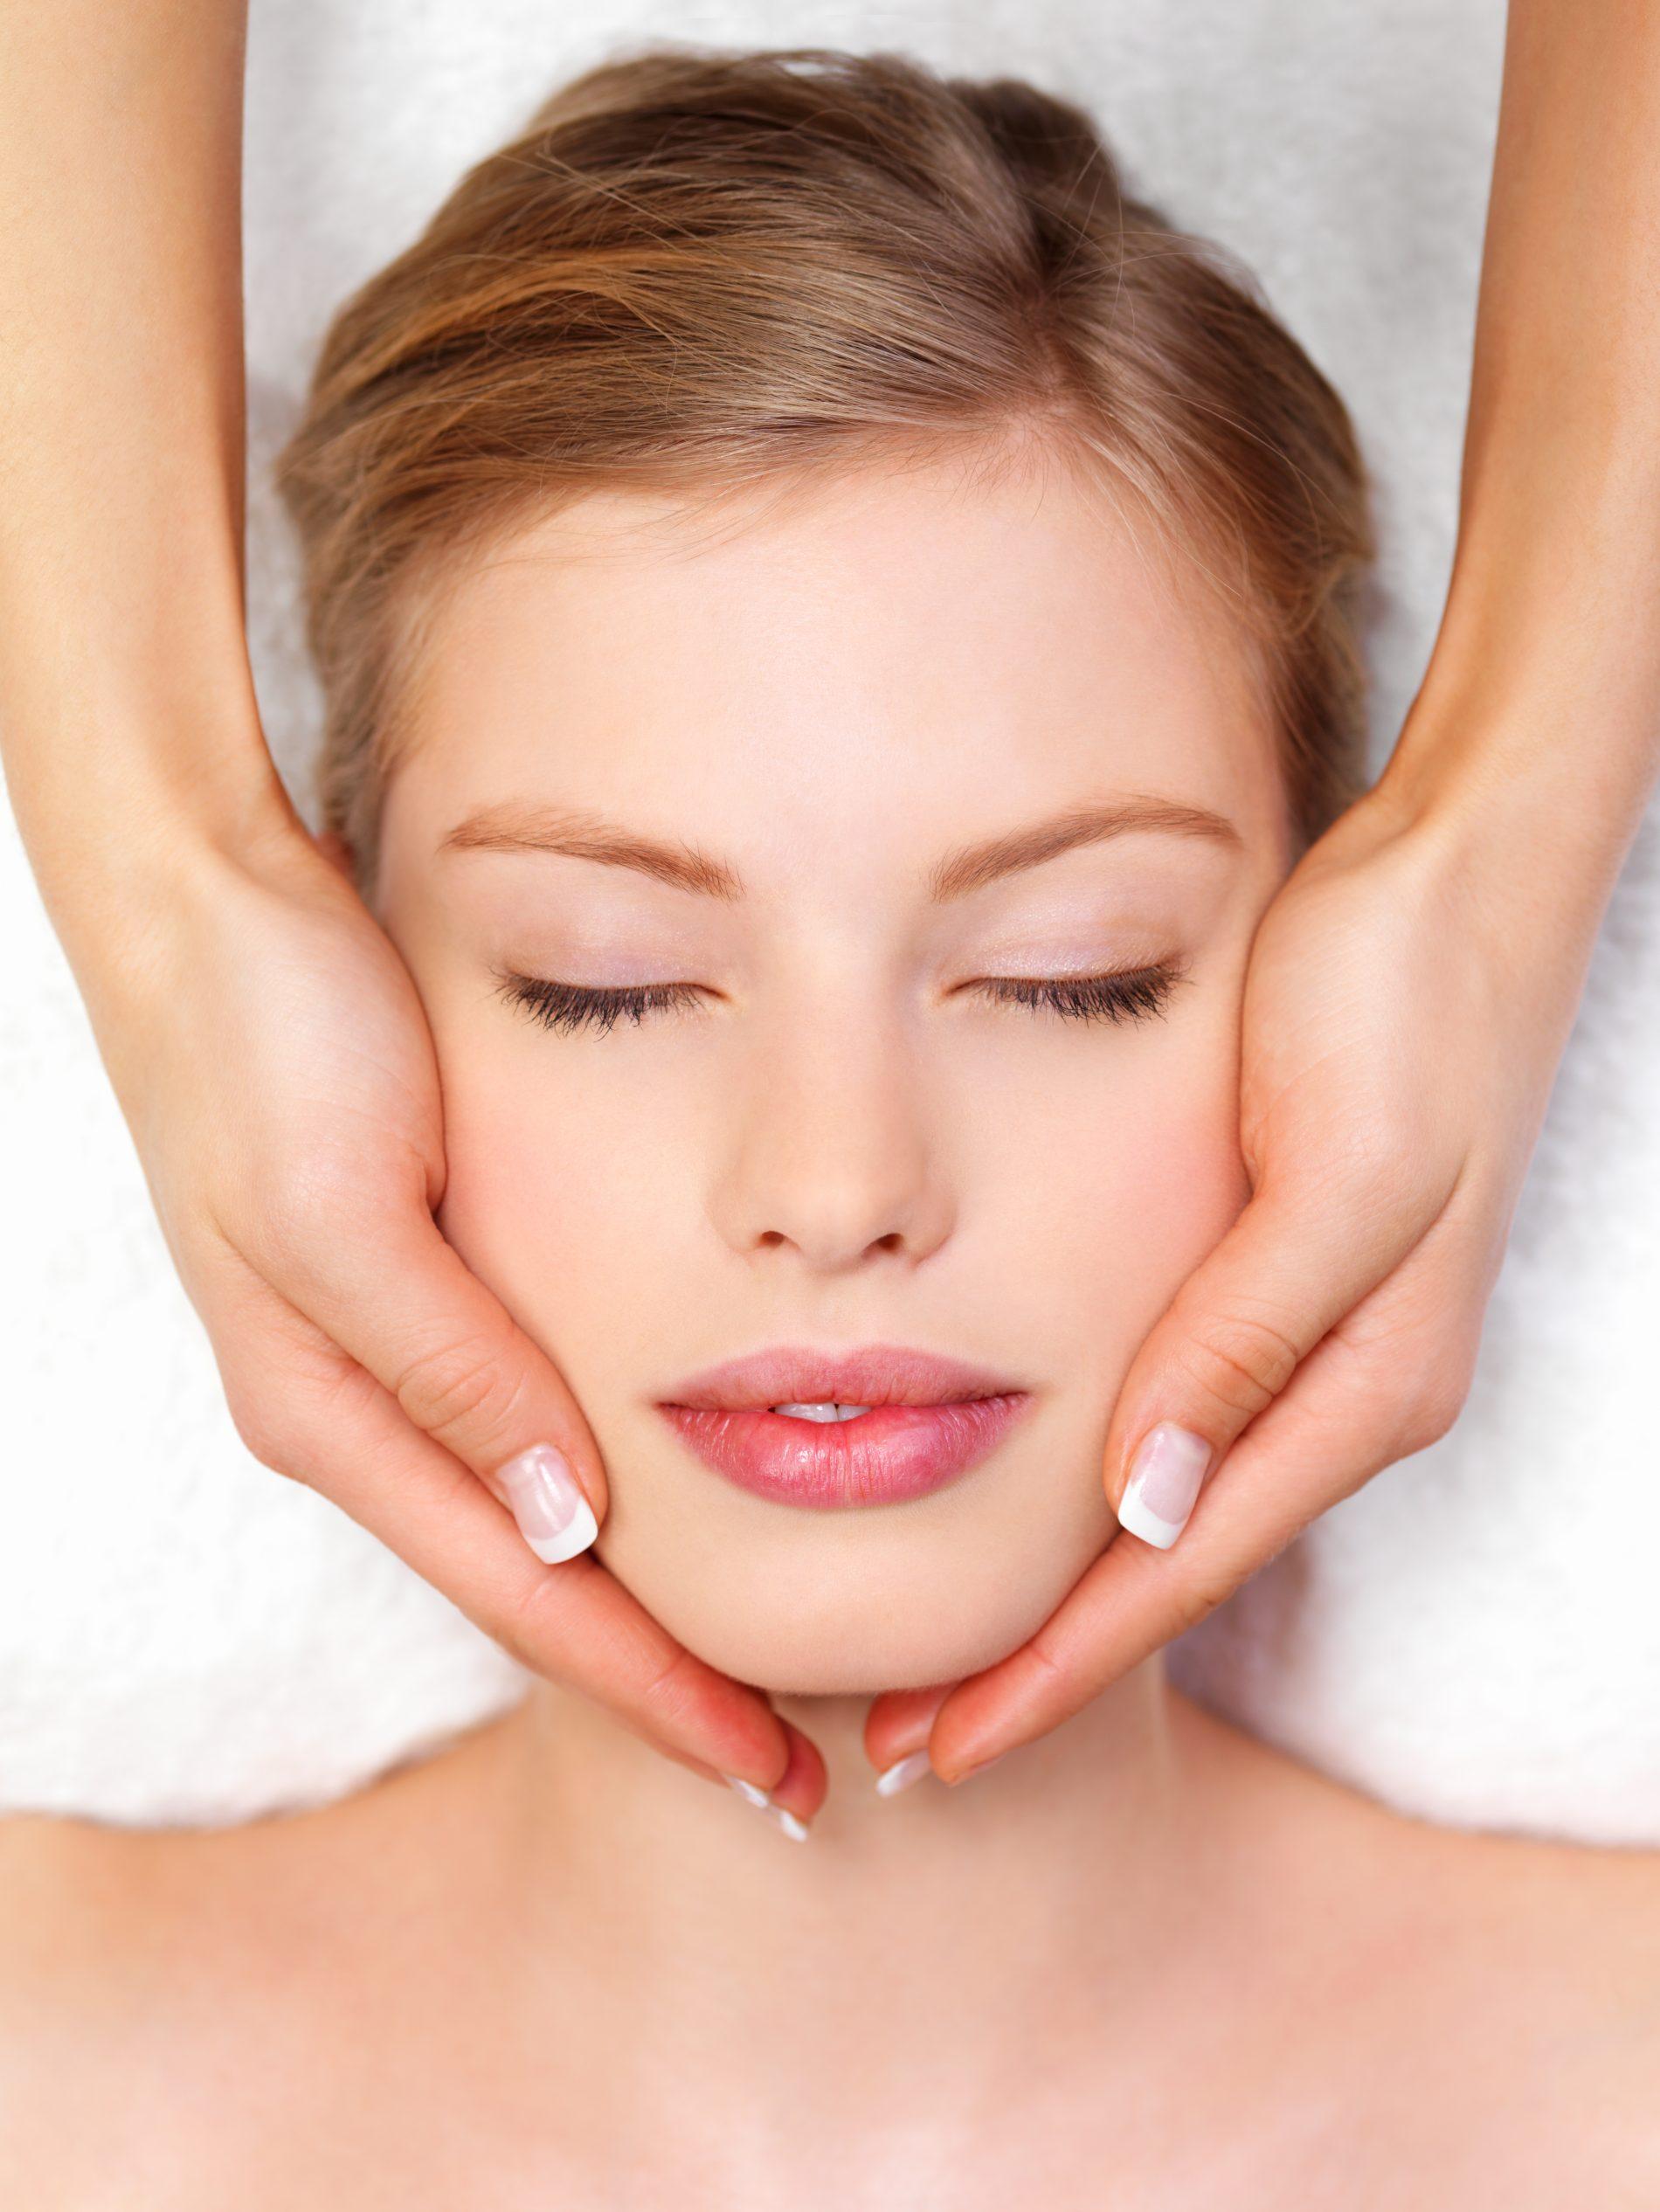 Tratamientos faciales manuales